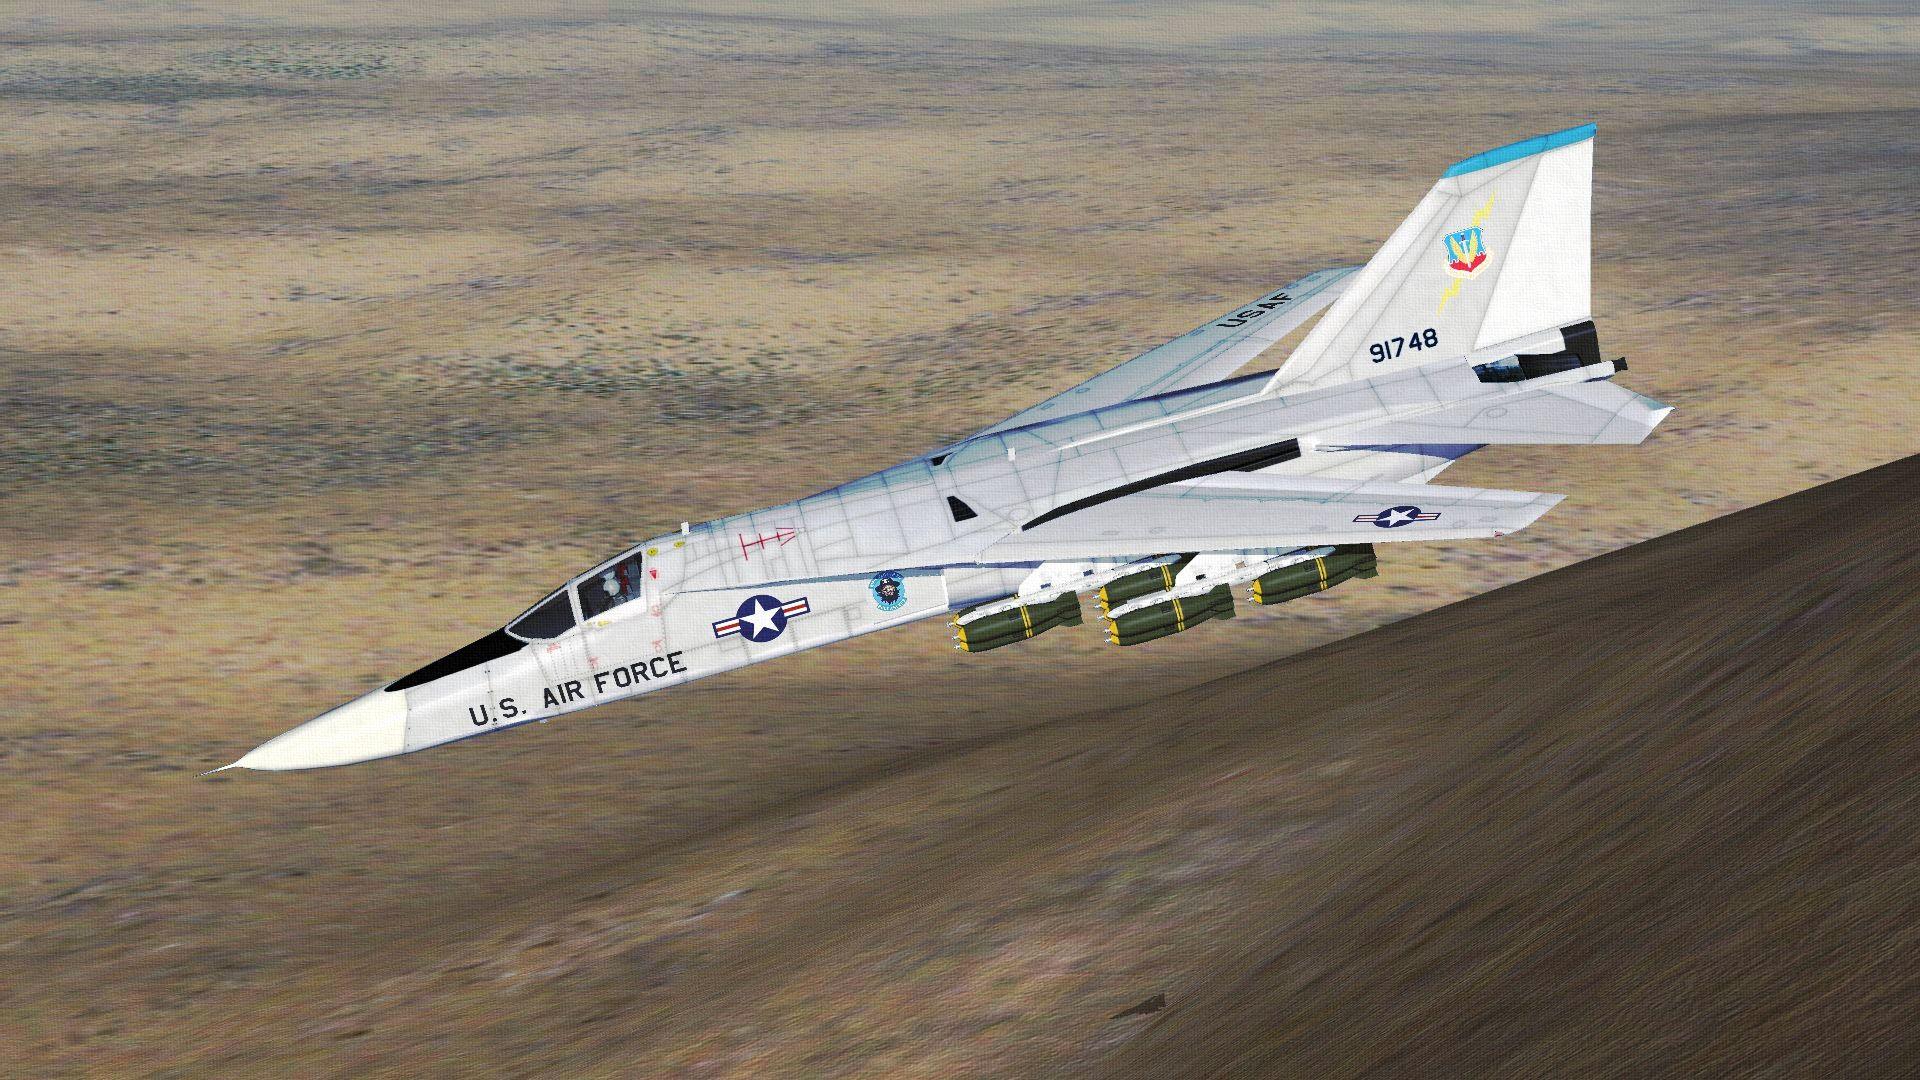 USAFF-111AAARDVARK08_zps62c772c5.jpg